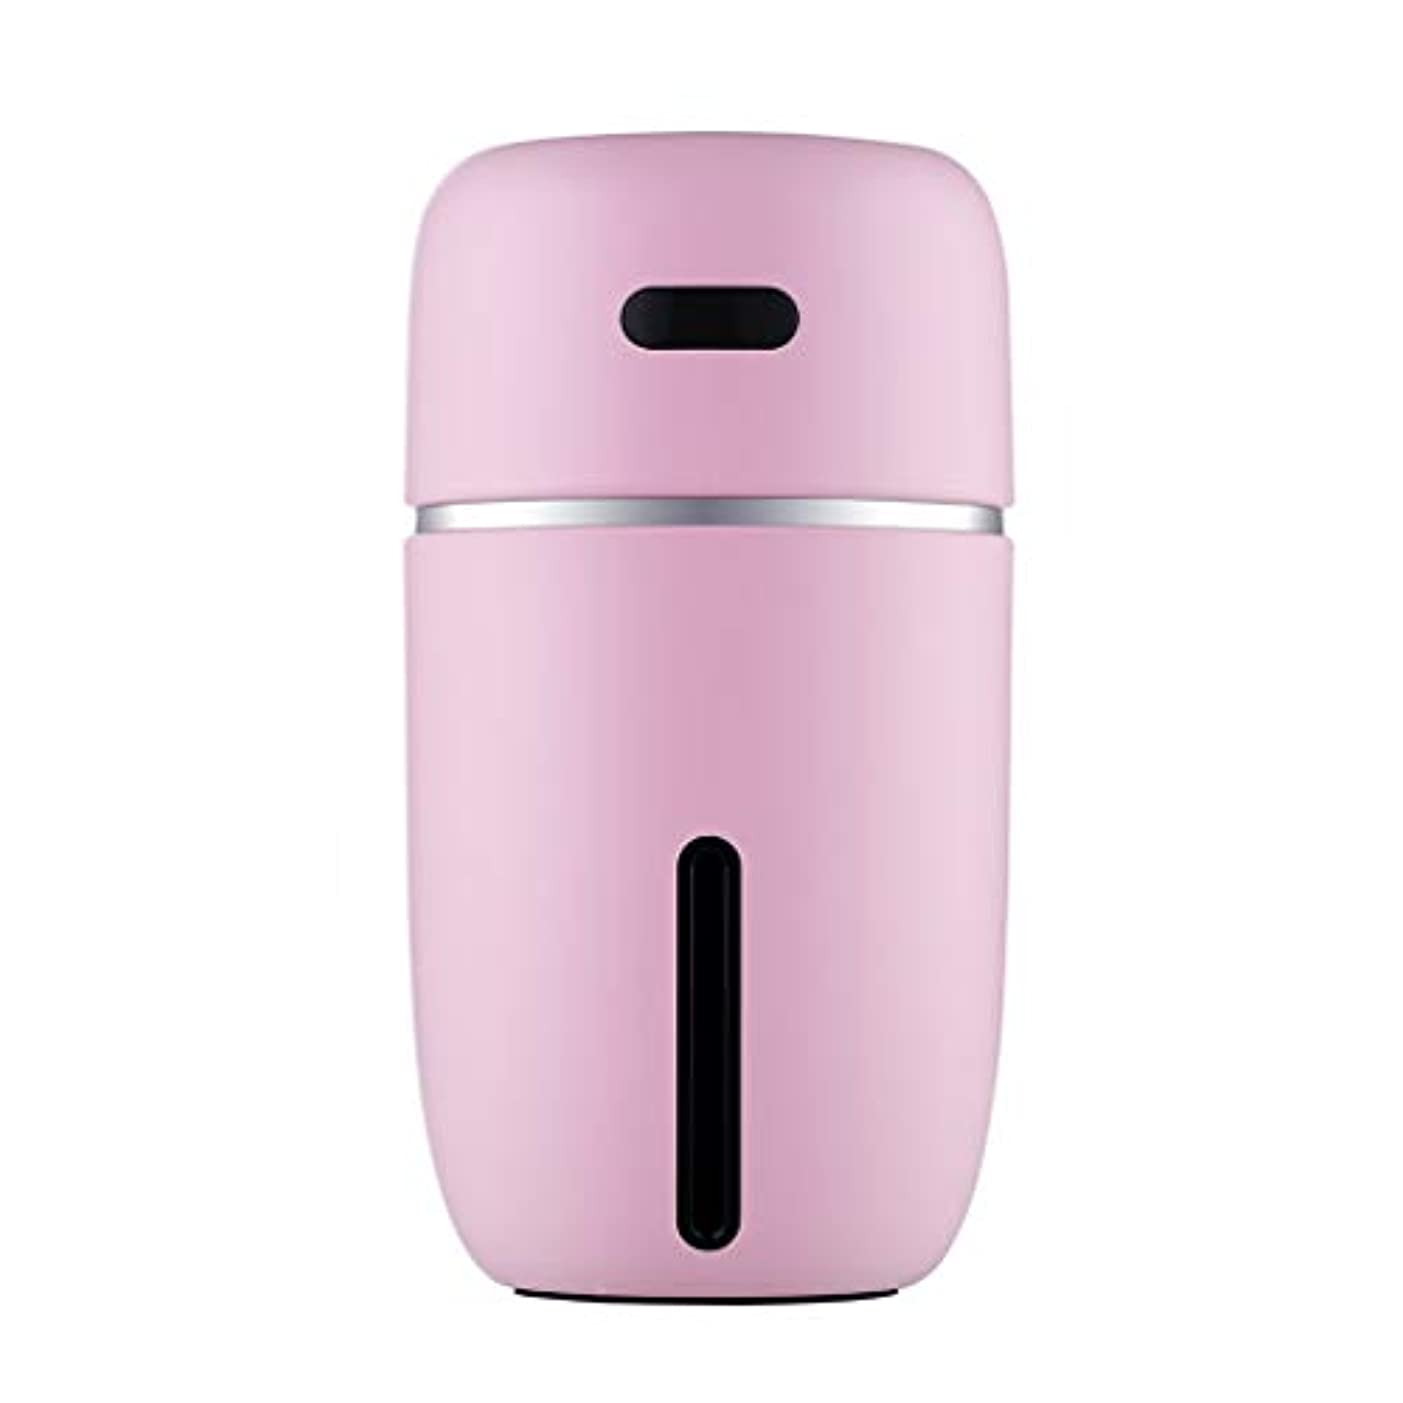 隠すタイマーハーフミニ車ホーム加湿器3で 1 USB 水メーターオフィス空気清浄器ディフューザーオフィスホーム研究ヨガスパ (ブラック/ブルー/ホワイト/ピンク),A